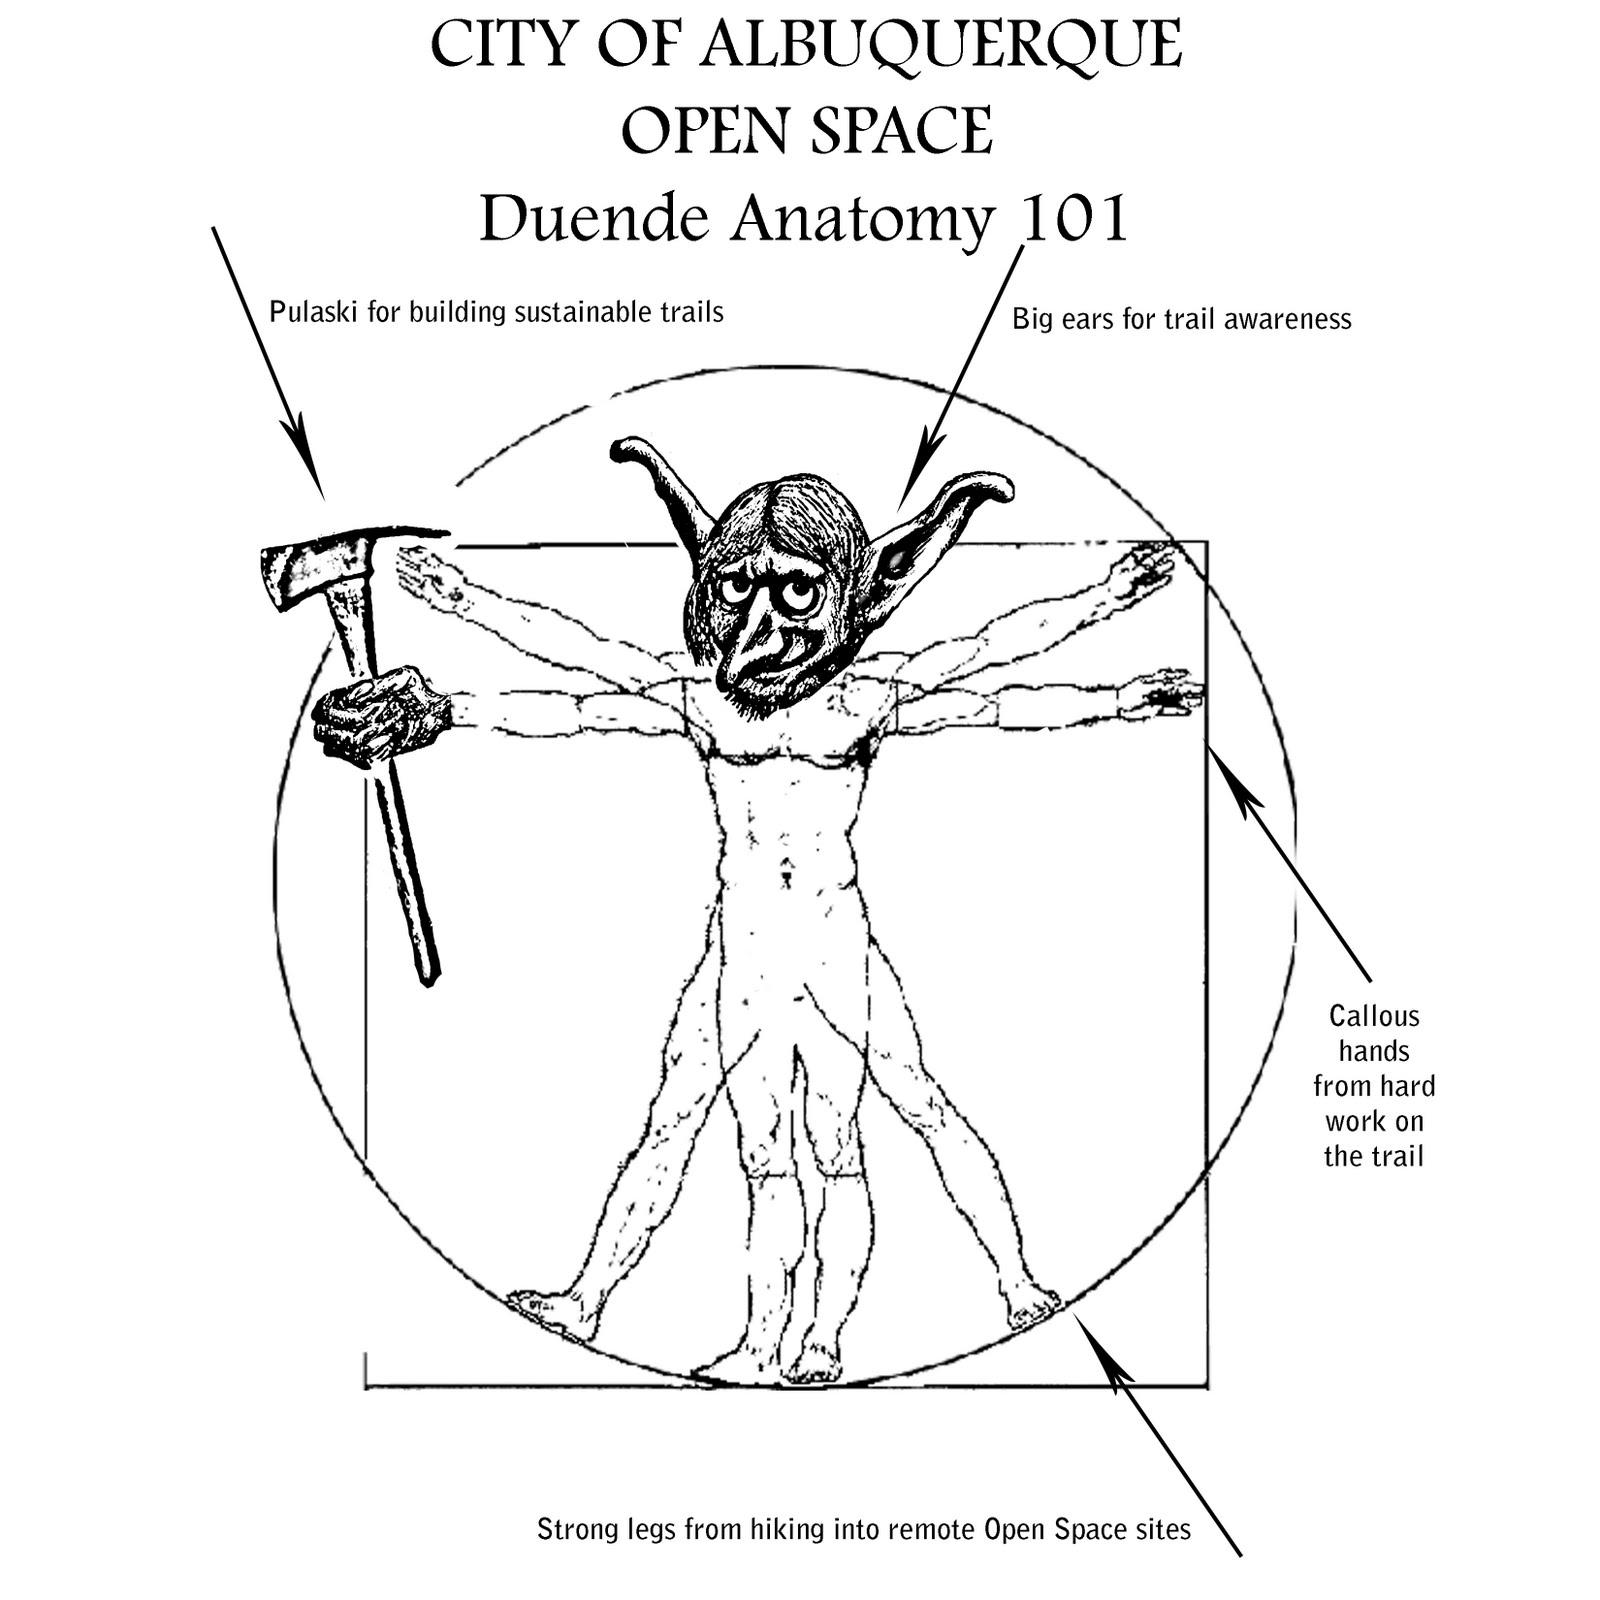 Hair of the Duende: Duende Anatomy